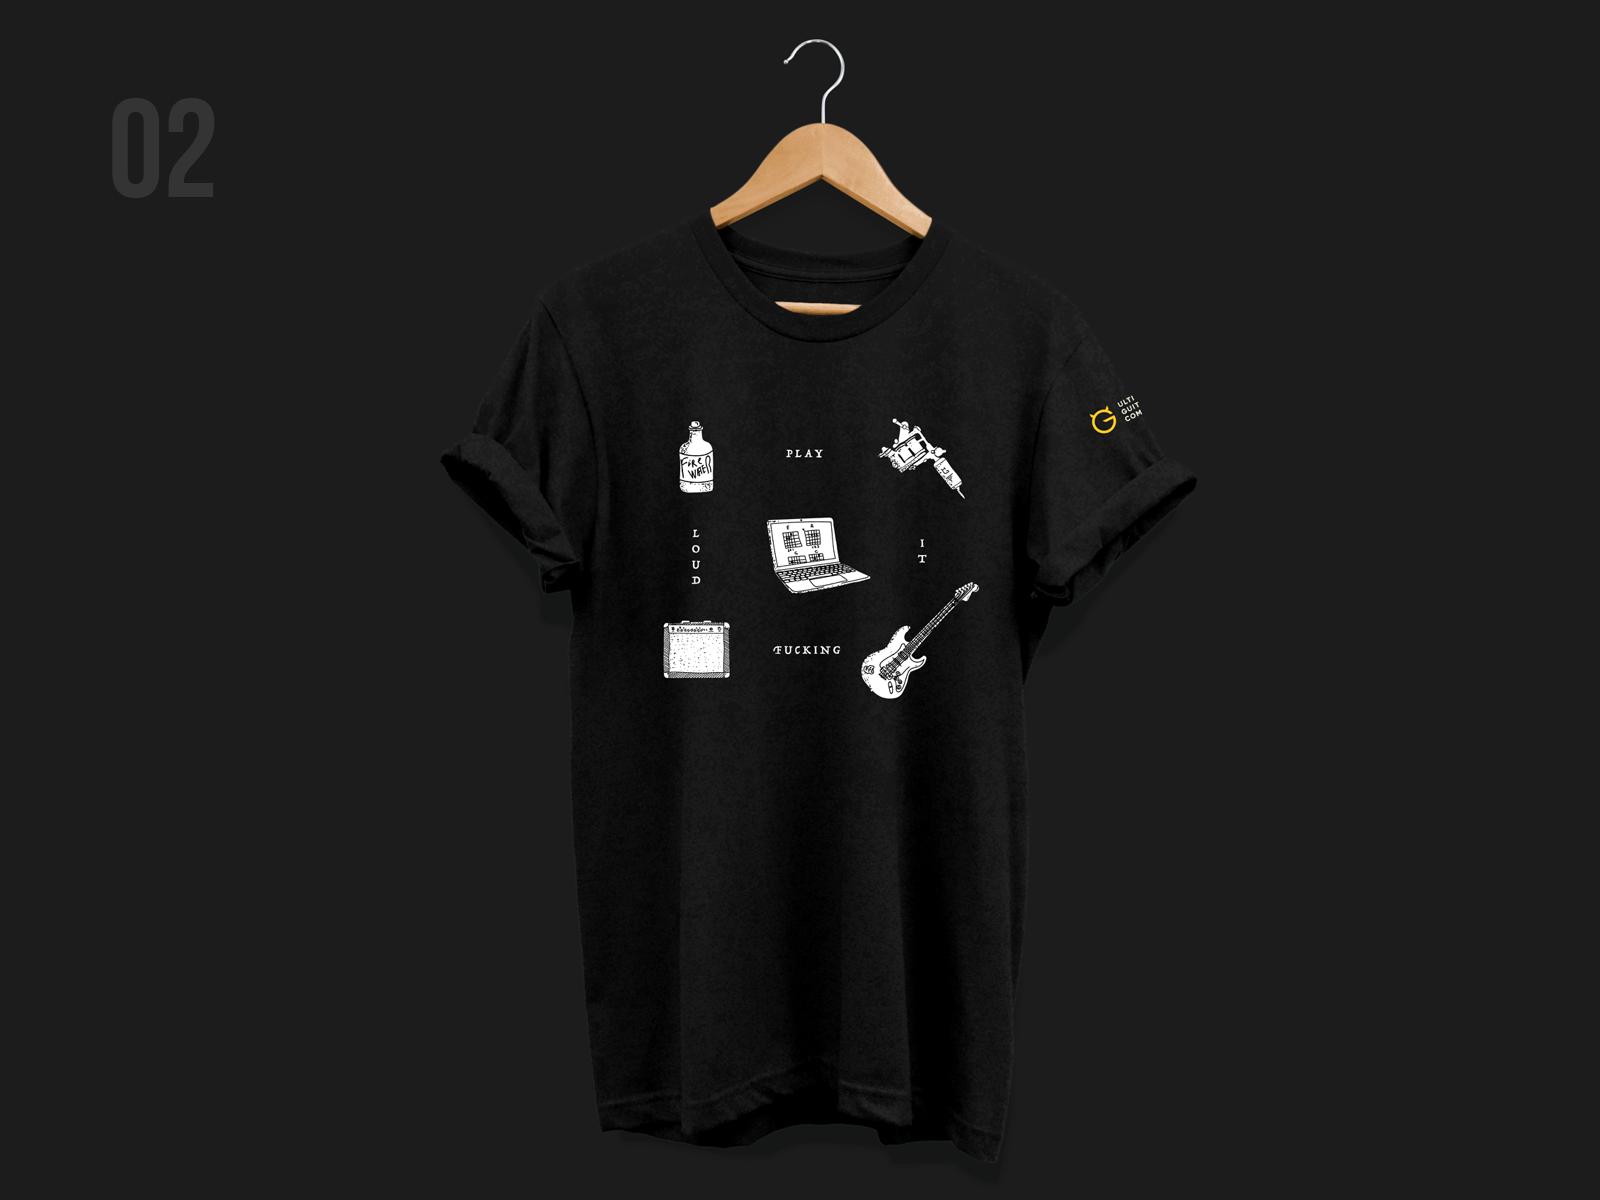 Ug tshirt print02